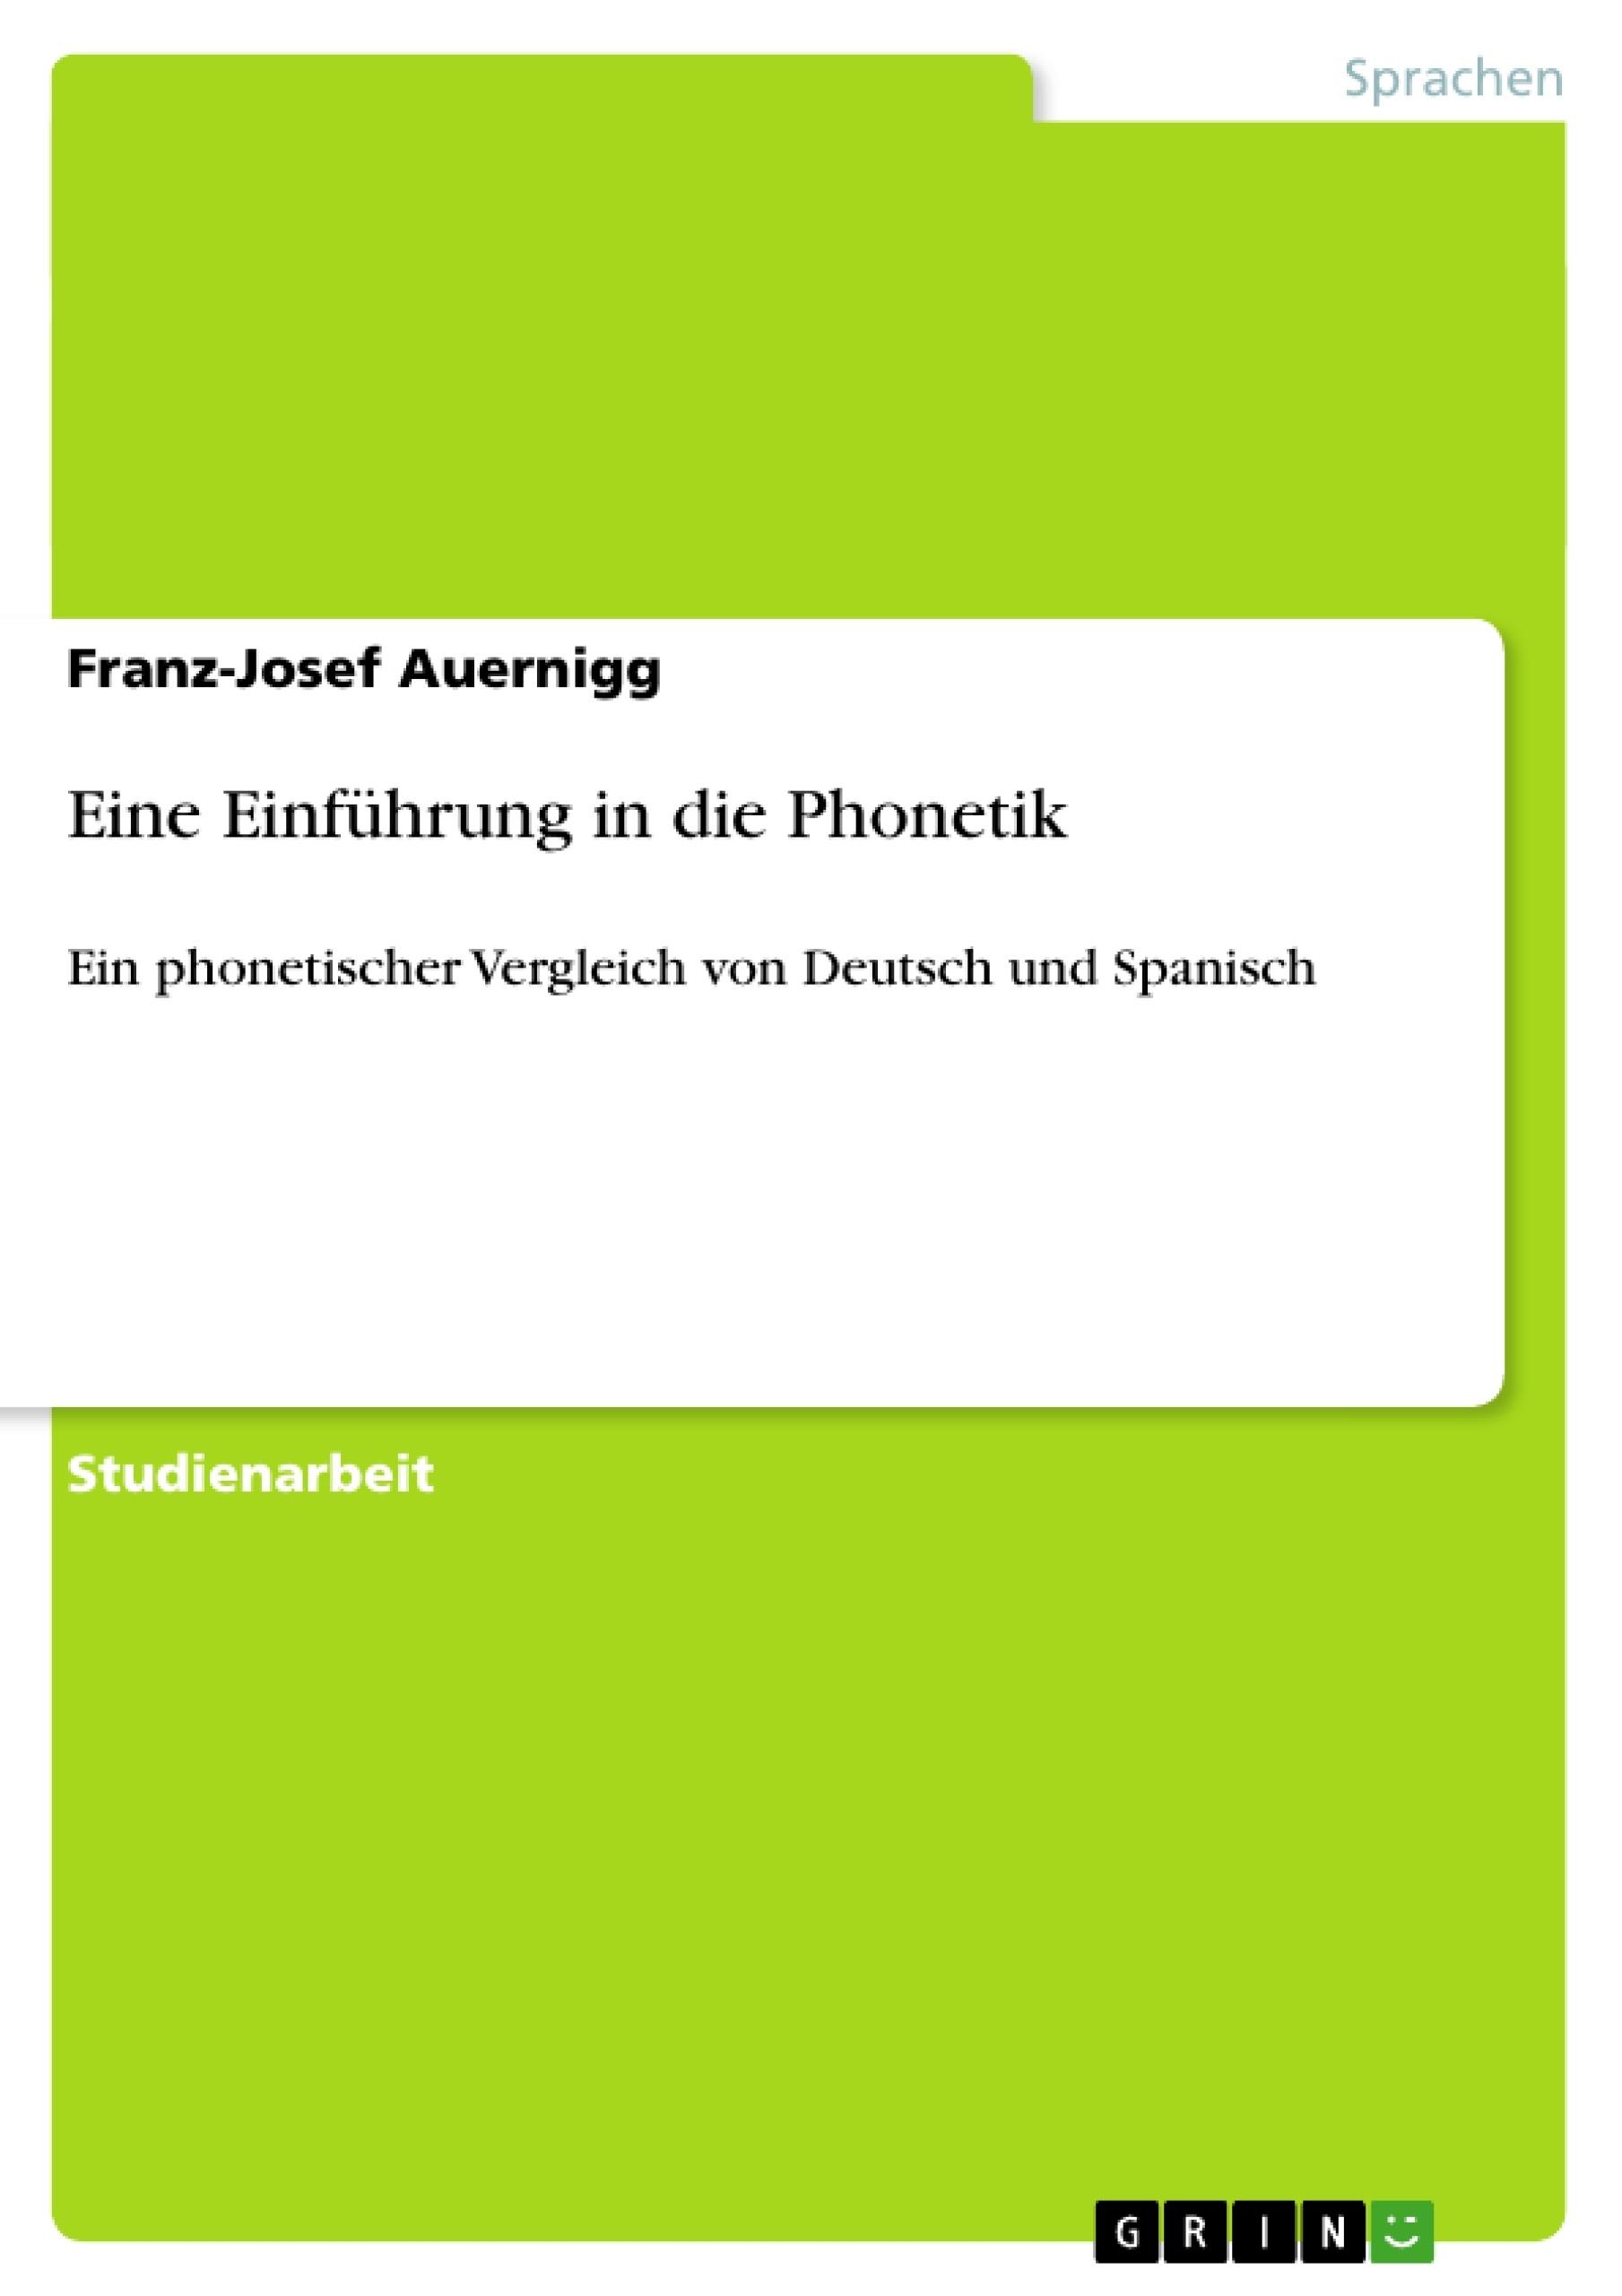 Titel: Eine Einführung in die Phonetik